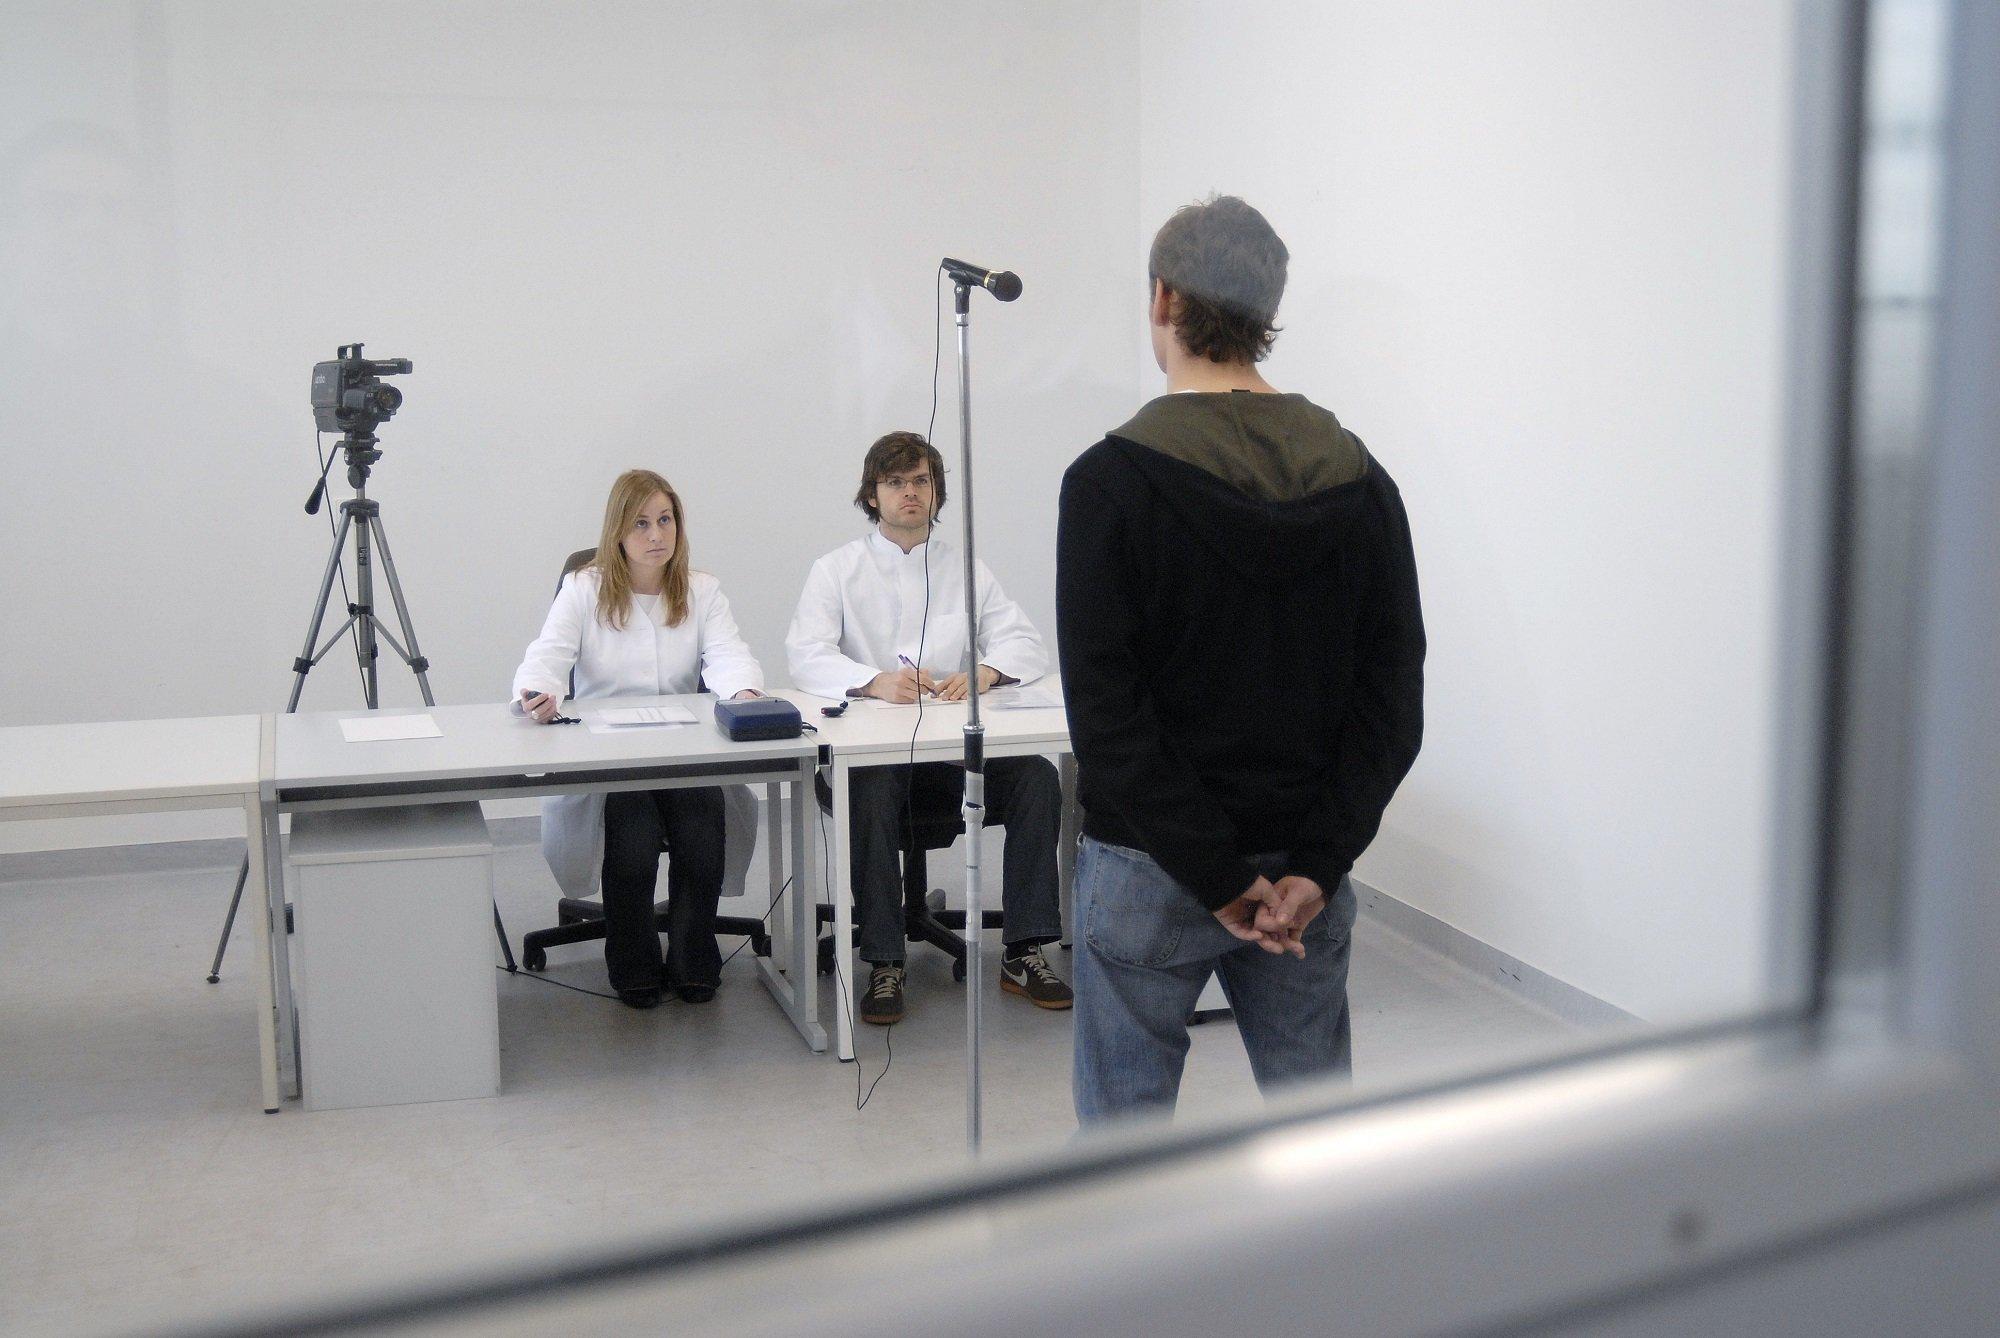 Ein Mann steht vor zwei sitzenden Menschen, die ihn neutral betrachten.